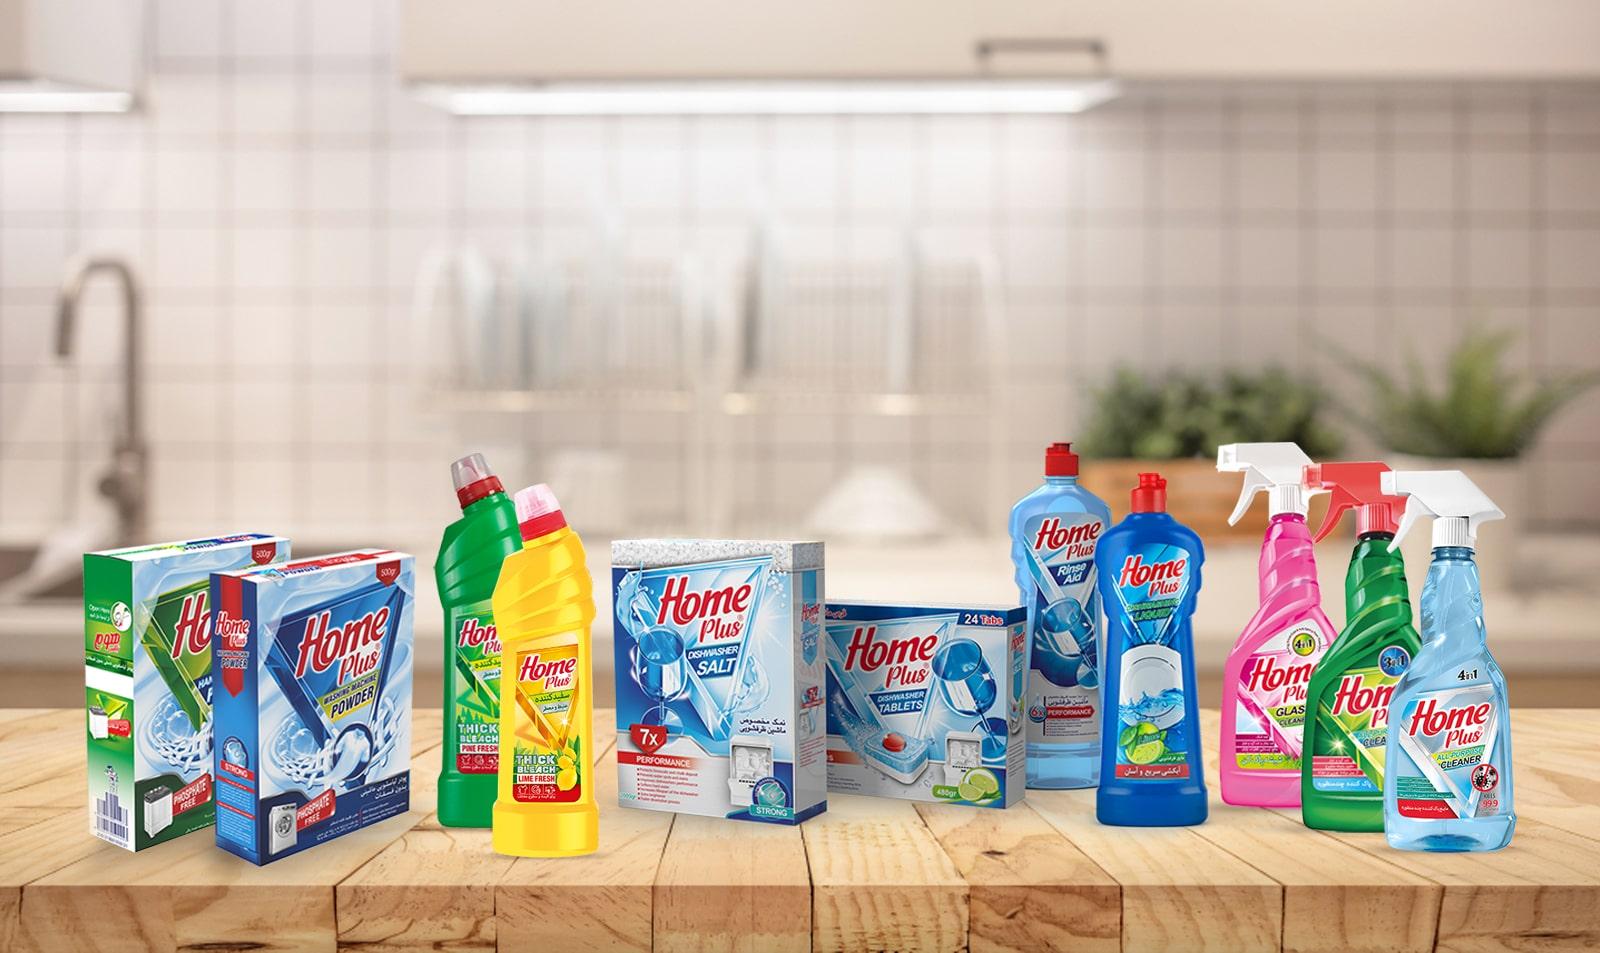 هوم پلاس – تولیدکننده انواع شوینده مثل مایع ظرفشویی، چندمنظوره، پودر لباسشویی و ...